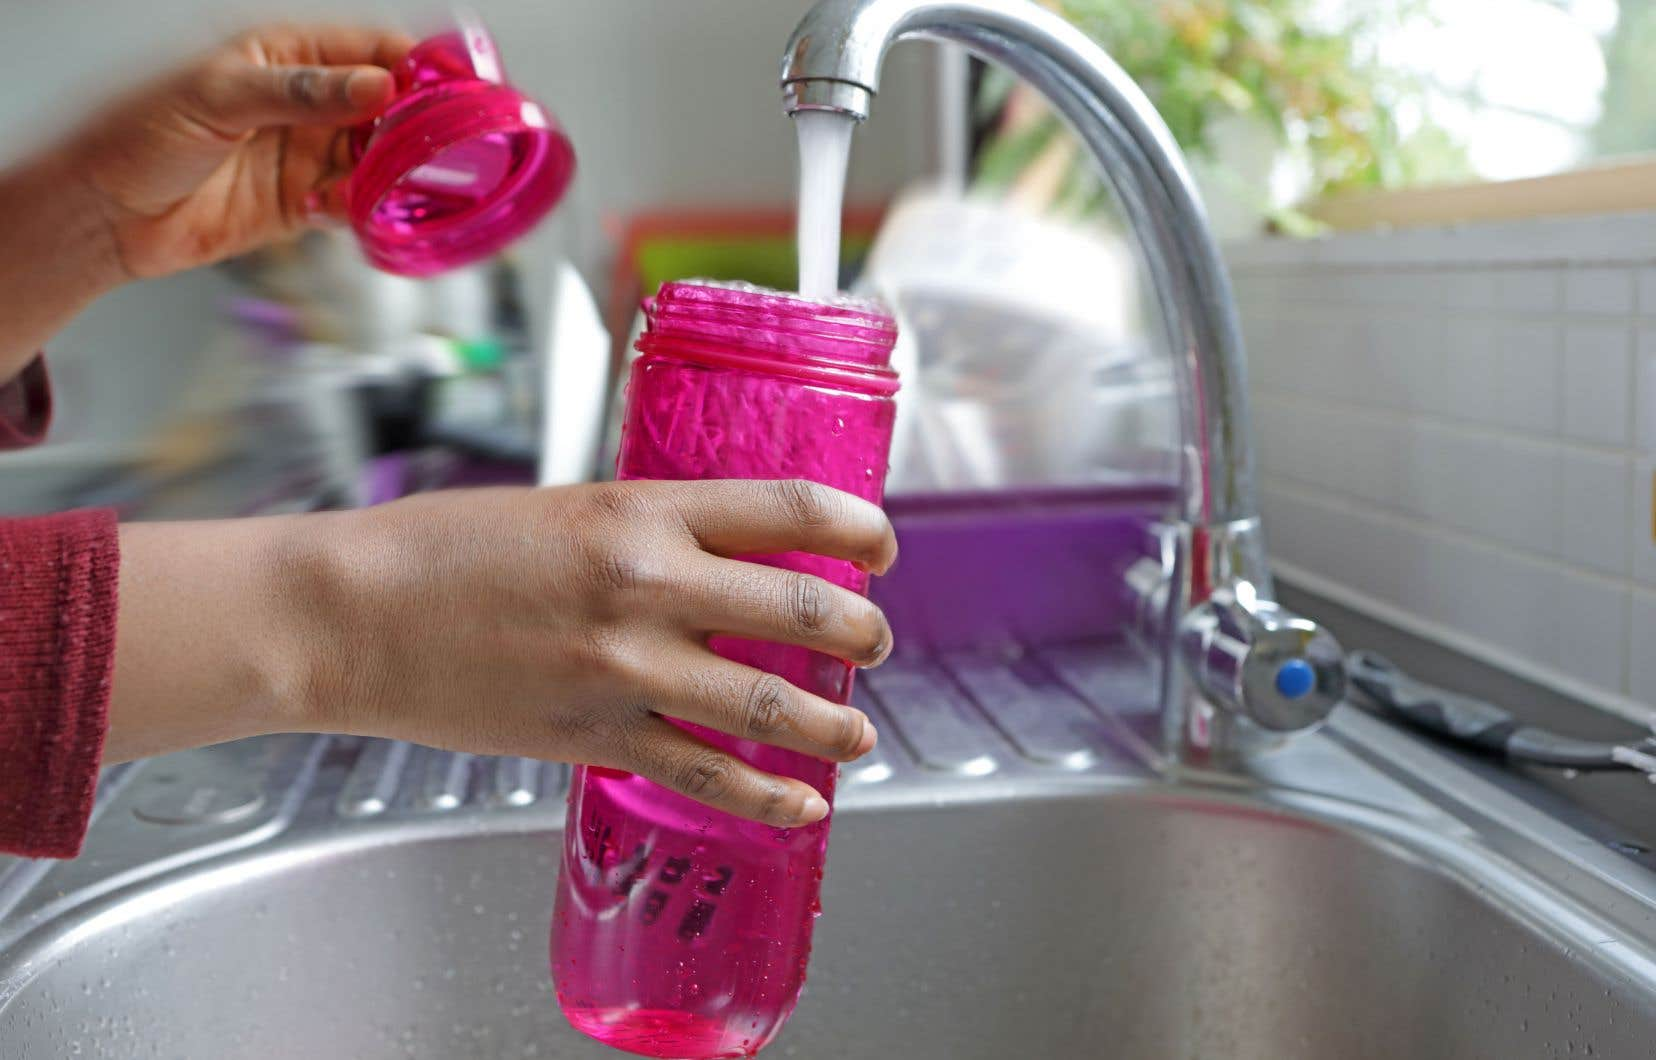 Dans les dernières semaines, plusieurs enquêtes ont montré que les niveaux de plomb dans l'eau de certaines municipalités dépassaient largement le degré de toxicité acceptable.